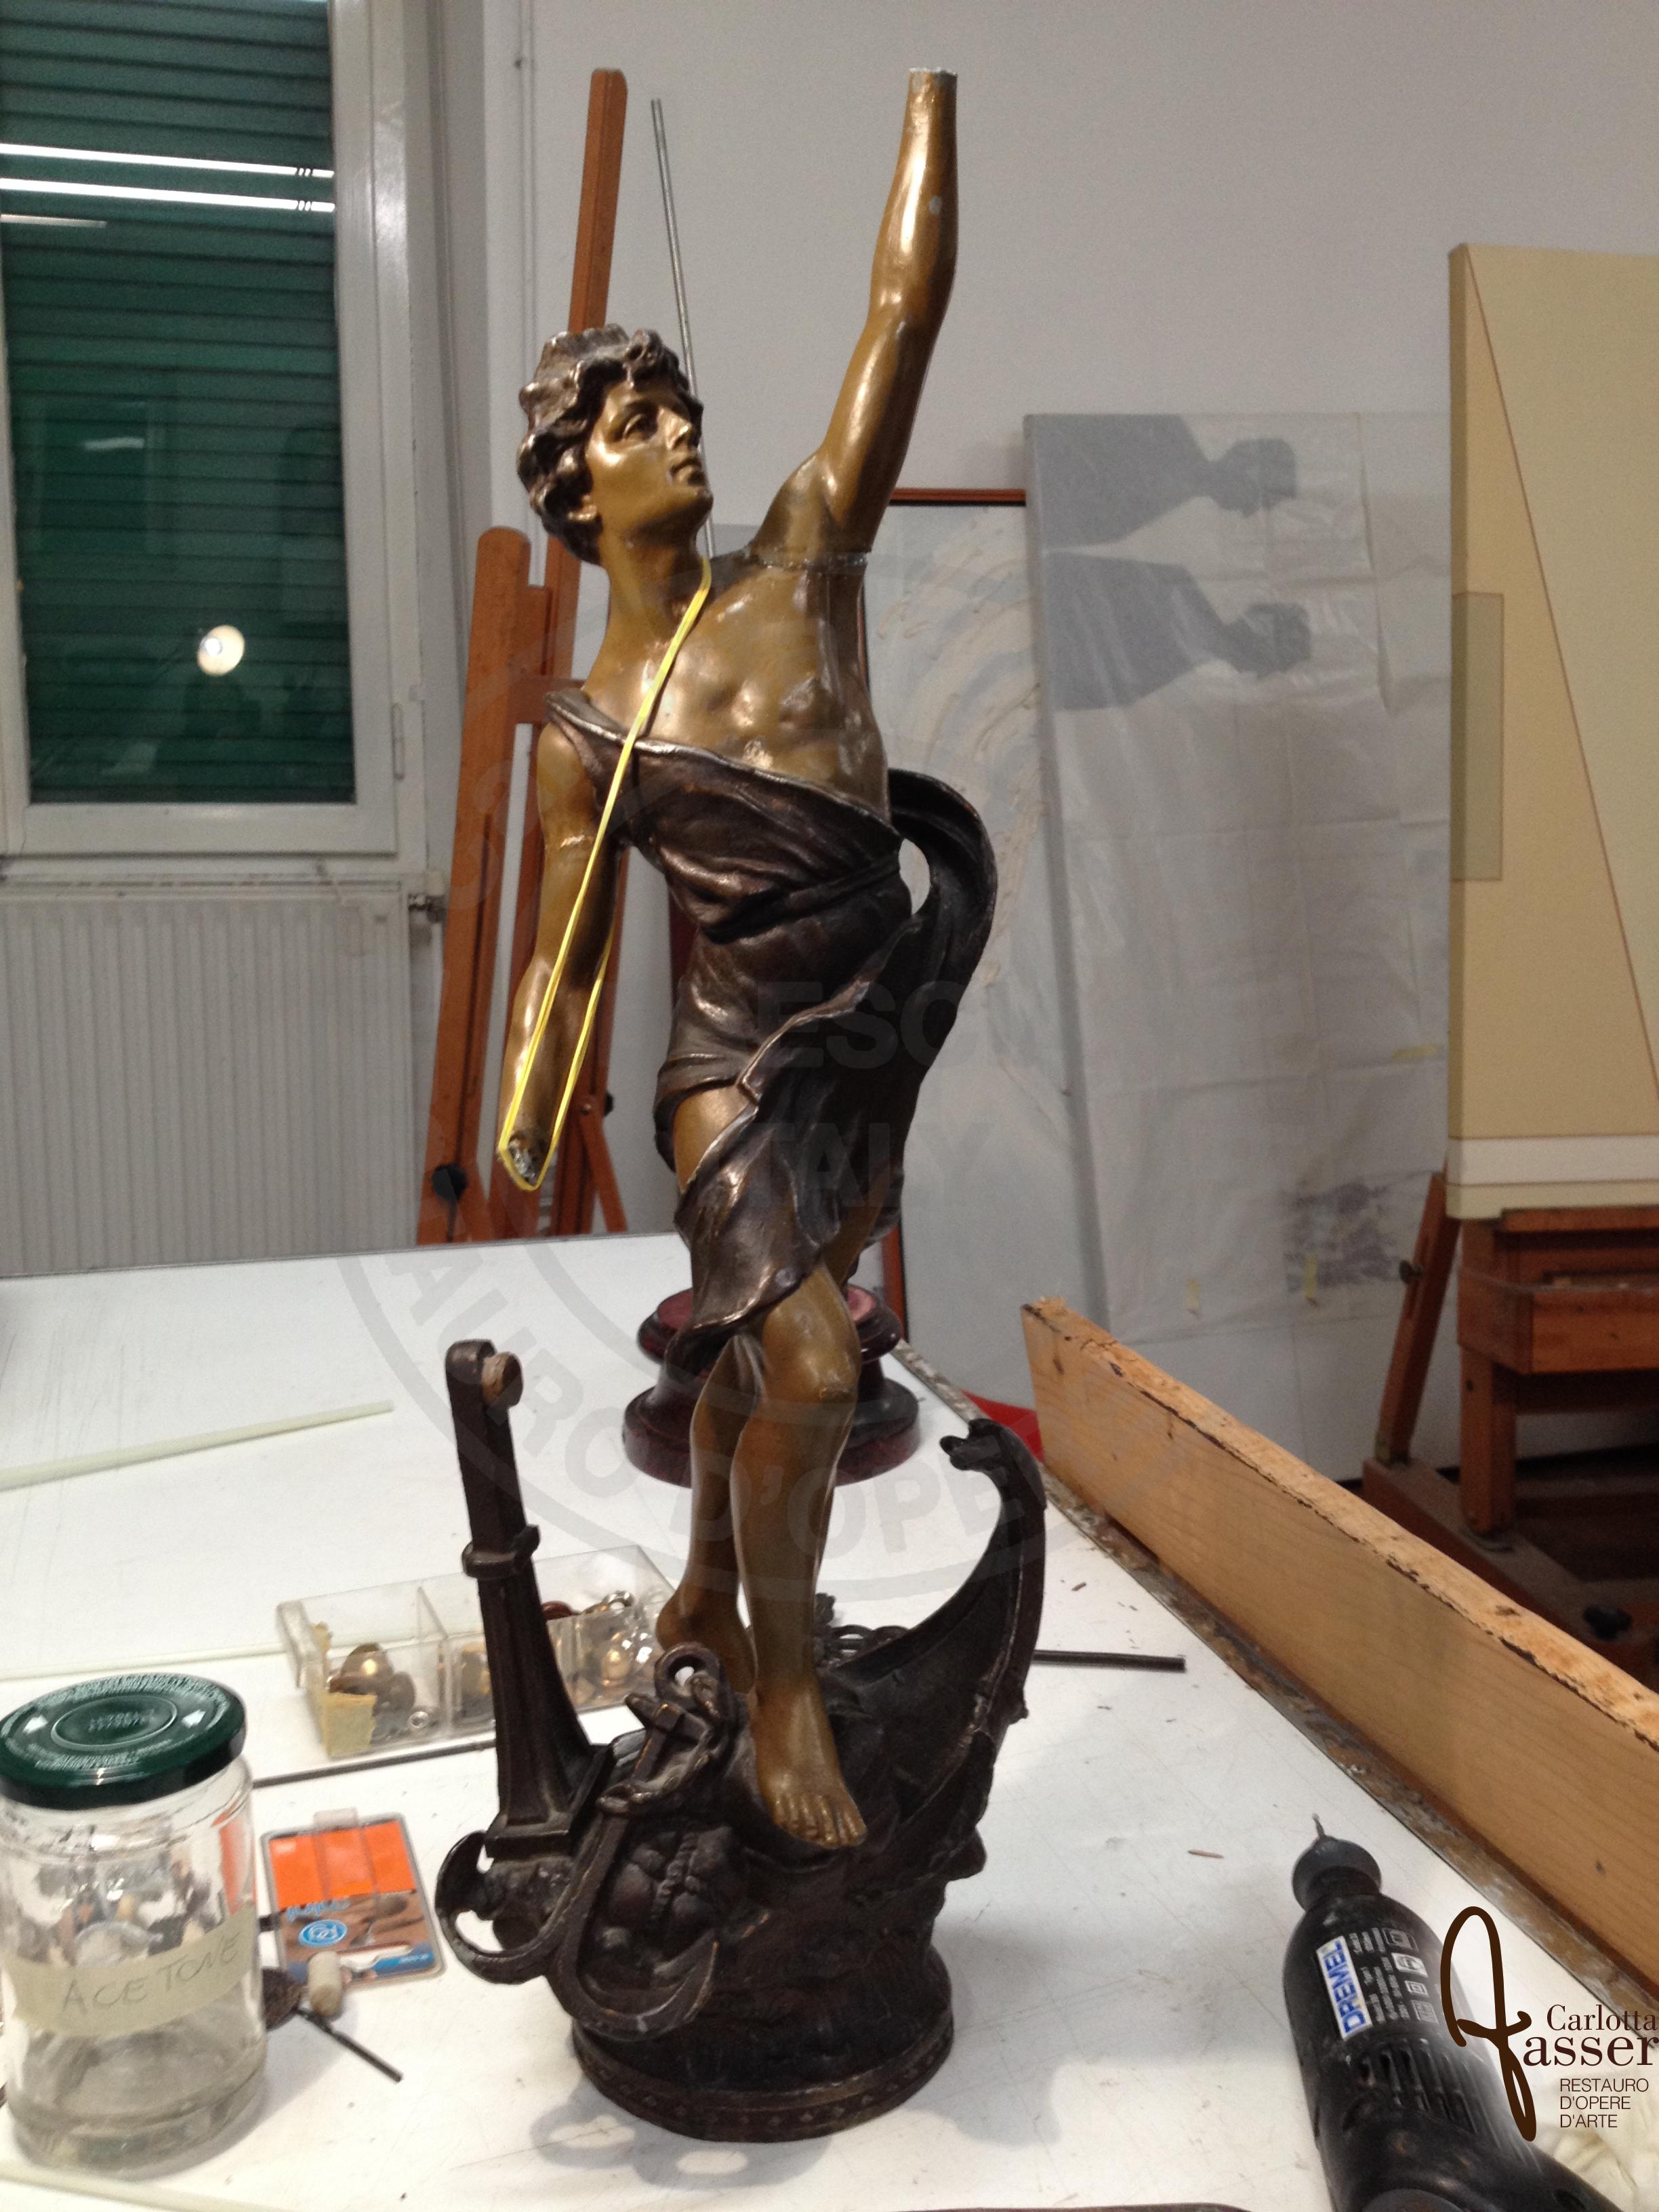 Ripresa del totale all'inizio dell'intervento di restauro